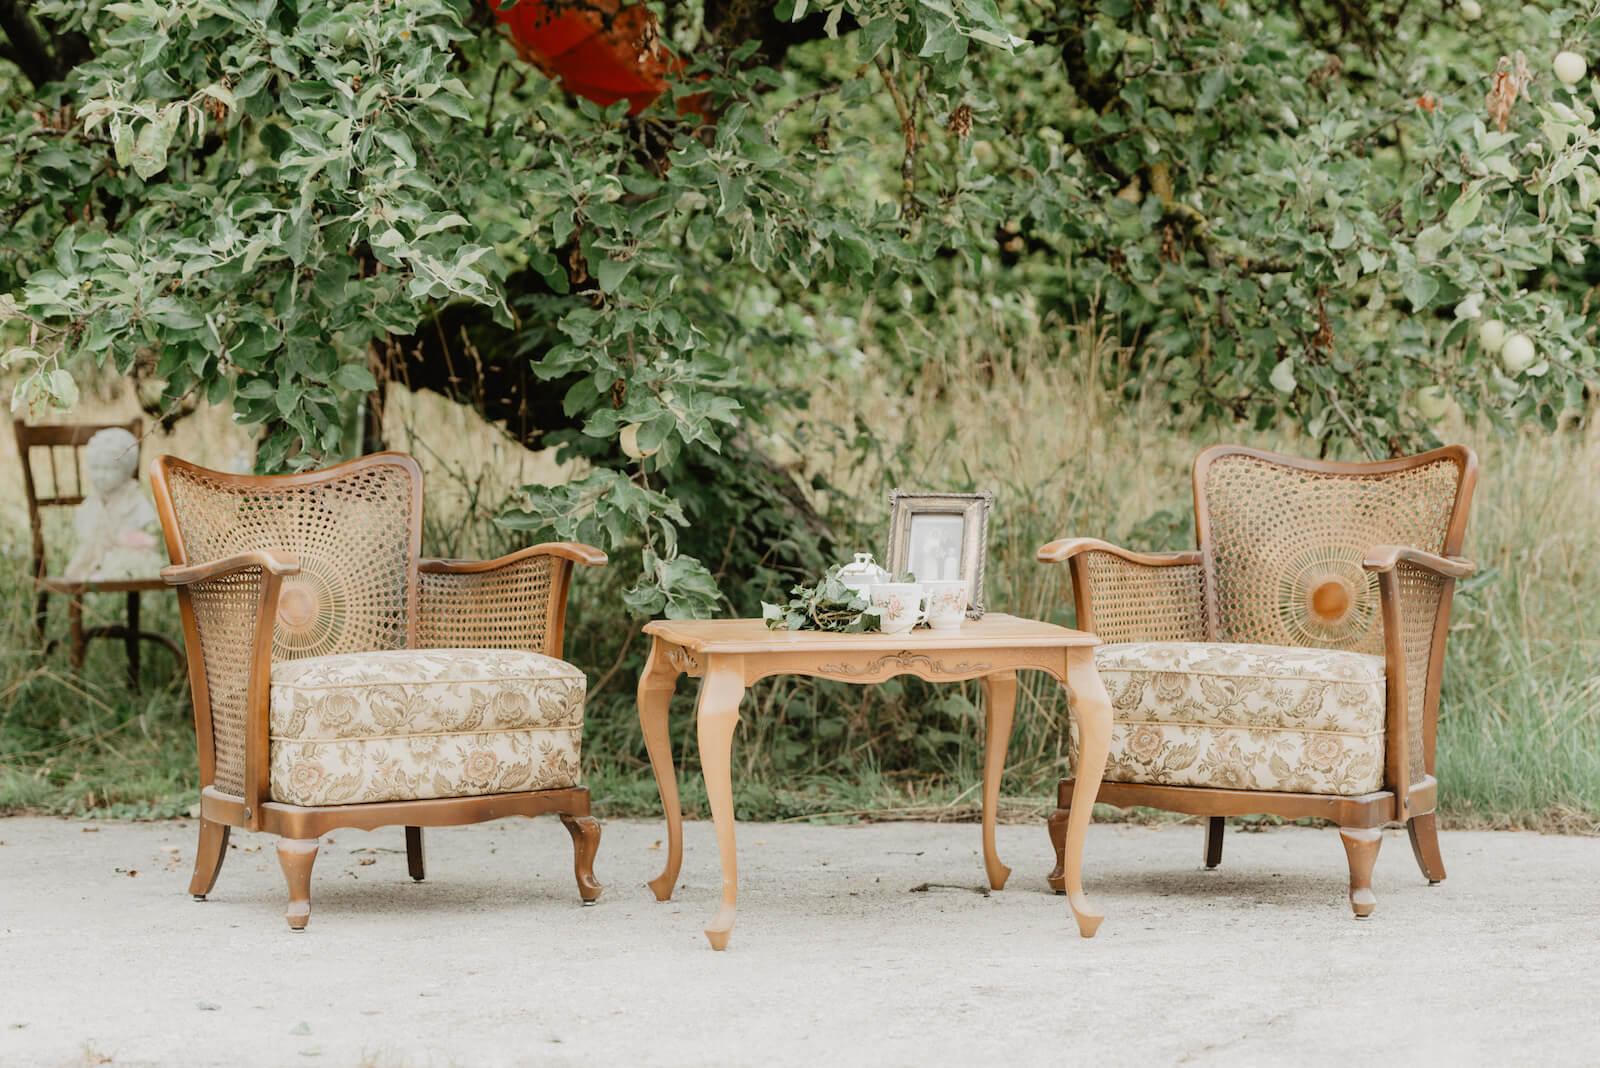 Gartenhochzeit Buchloe - Dekoration im Garten mit antiken Möbelstücken